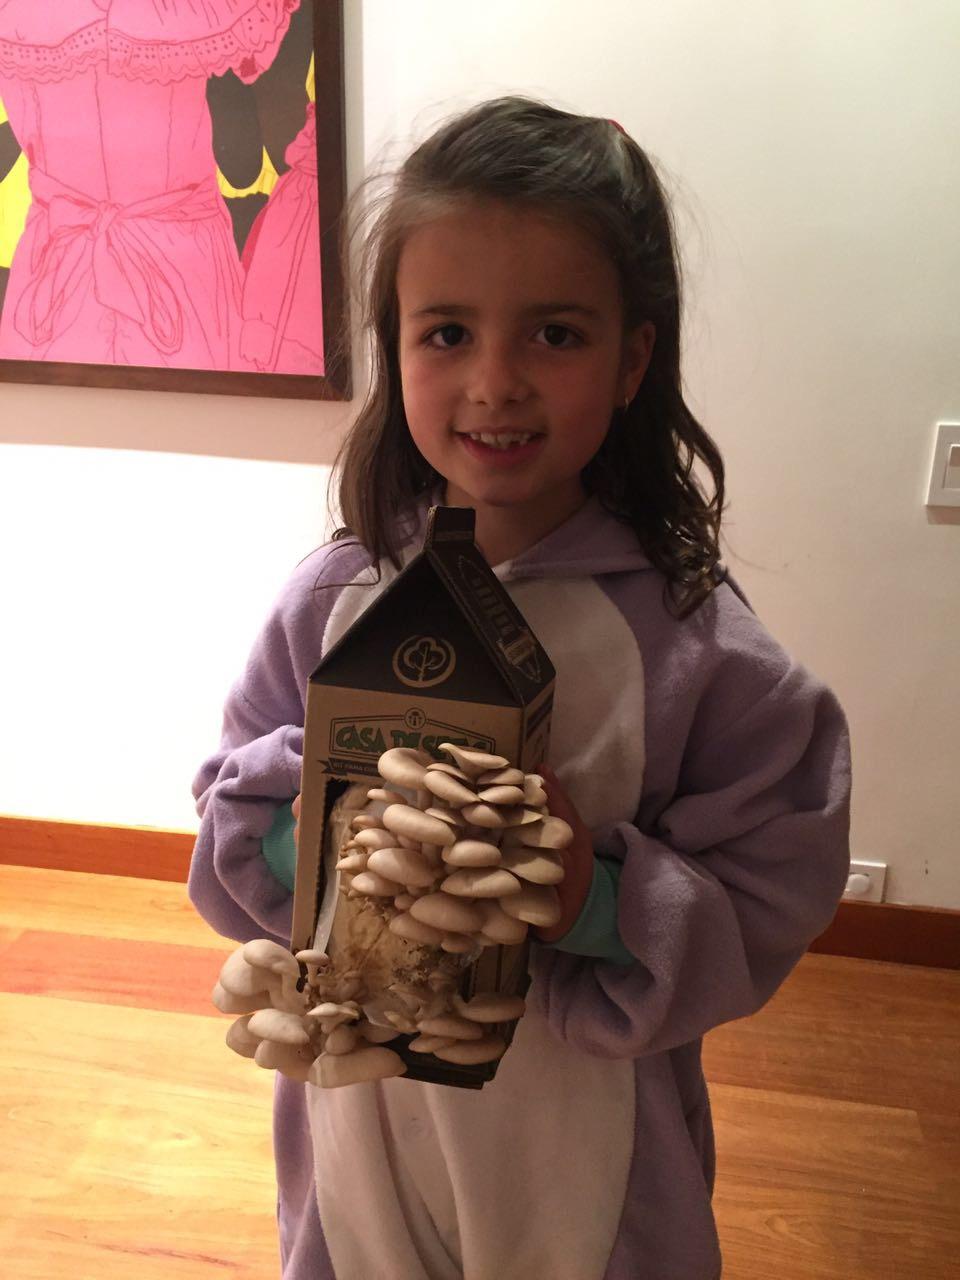 Elisa cultivo hongos en casa!